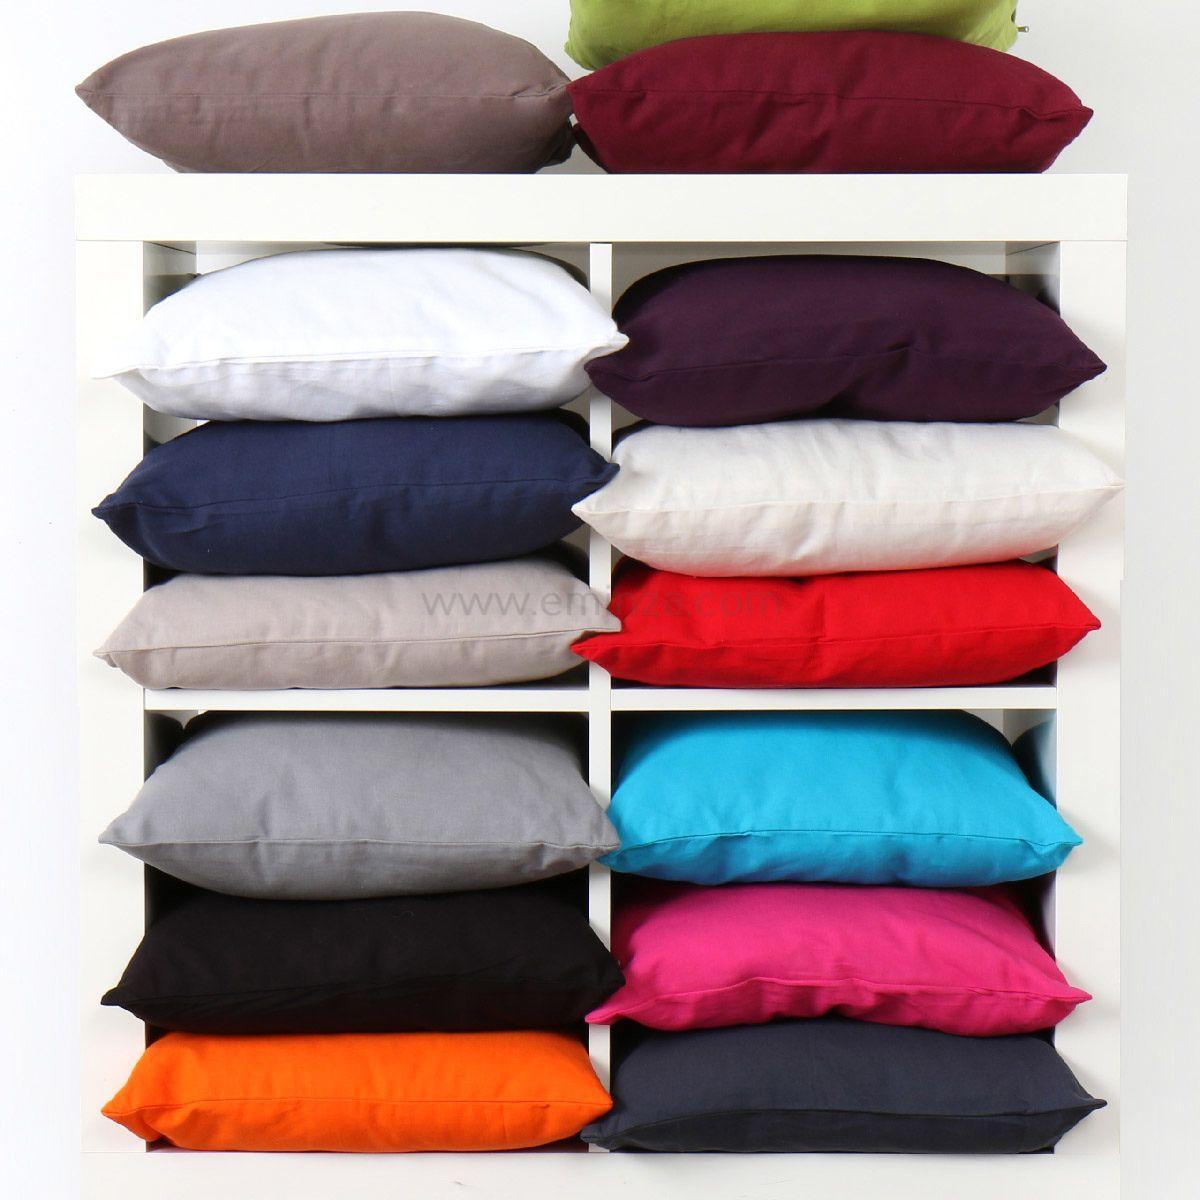 coussin 60 cm etna rouge coussin et housse de coussin eminza. Black Bedroom Furniture Sets. Home Design Ideas